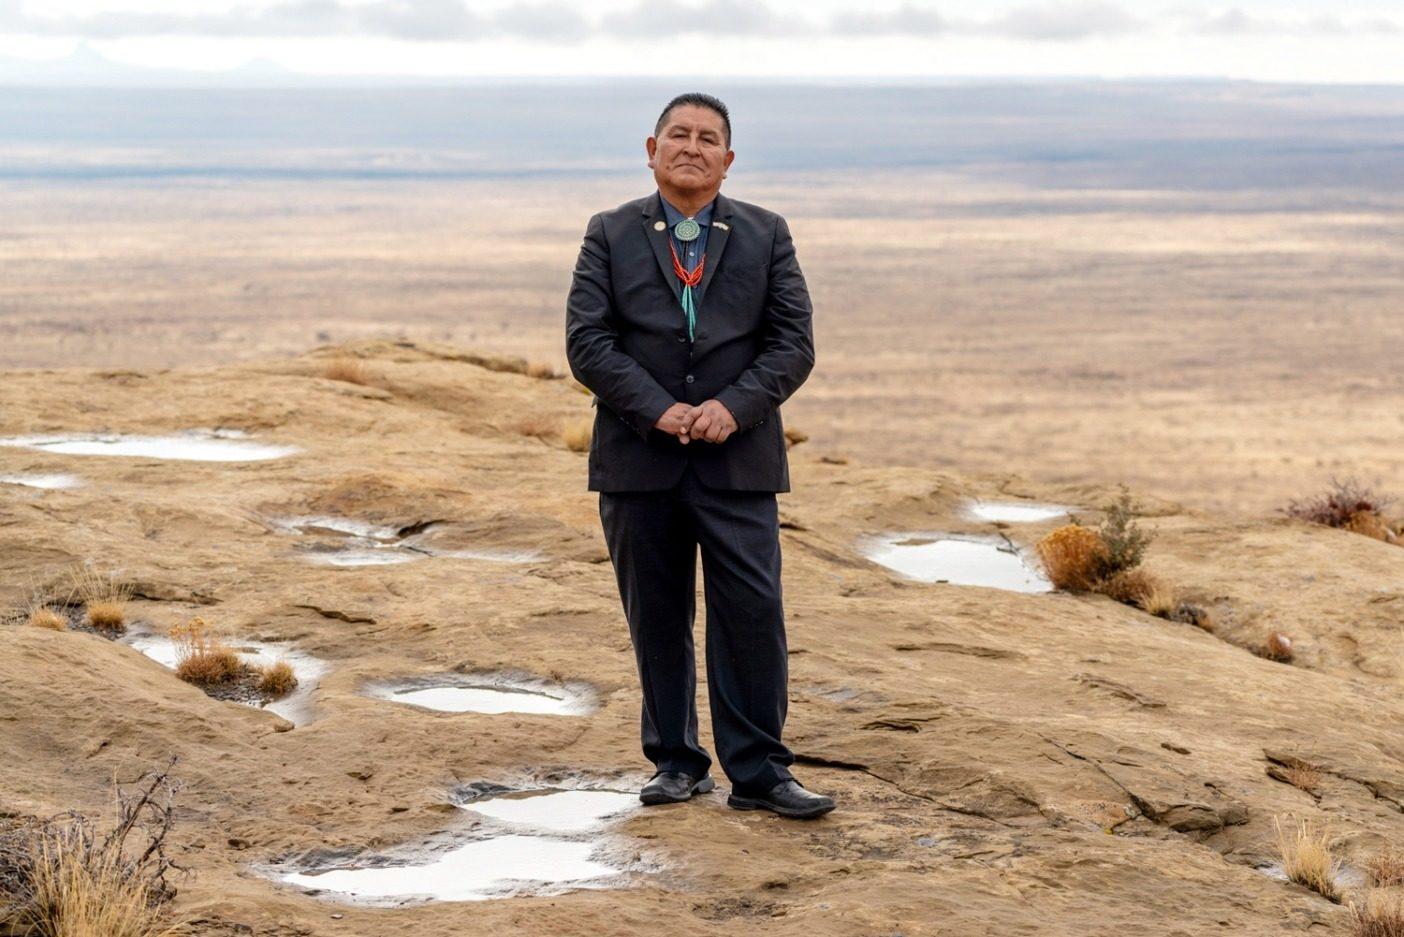 クラーク・テナコンヴァはホピ族の副会長で〈ベアーズ・イヤーズ・インター・トライバル・コーリション〉でホピ族の代表を務める。テナコンヴァはホアテヴェラ村のサードメサ出身で、ラビット・アンド・トバコ氏族に属す。彼は伝統的な農家、牧場主、退役軍人、アーティスト、音楽家。この写真は、いまはアリゾナとなったホピの土地で撮影された。Photo: Michael Estrada